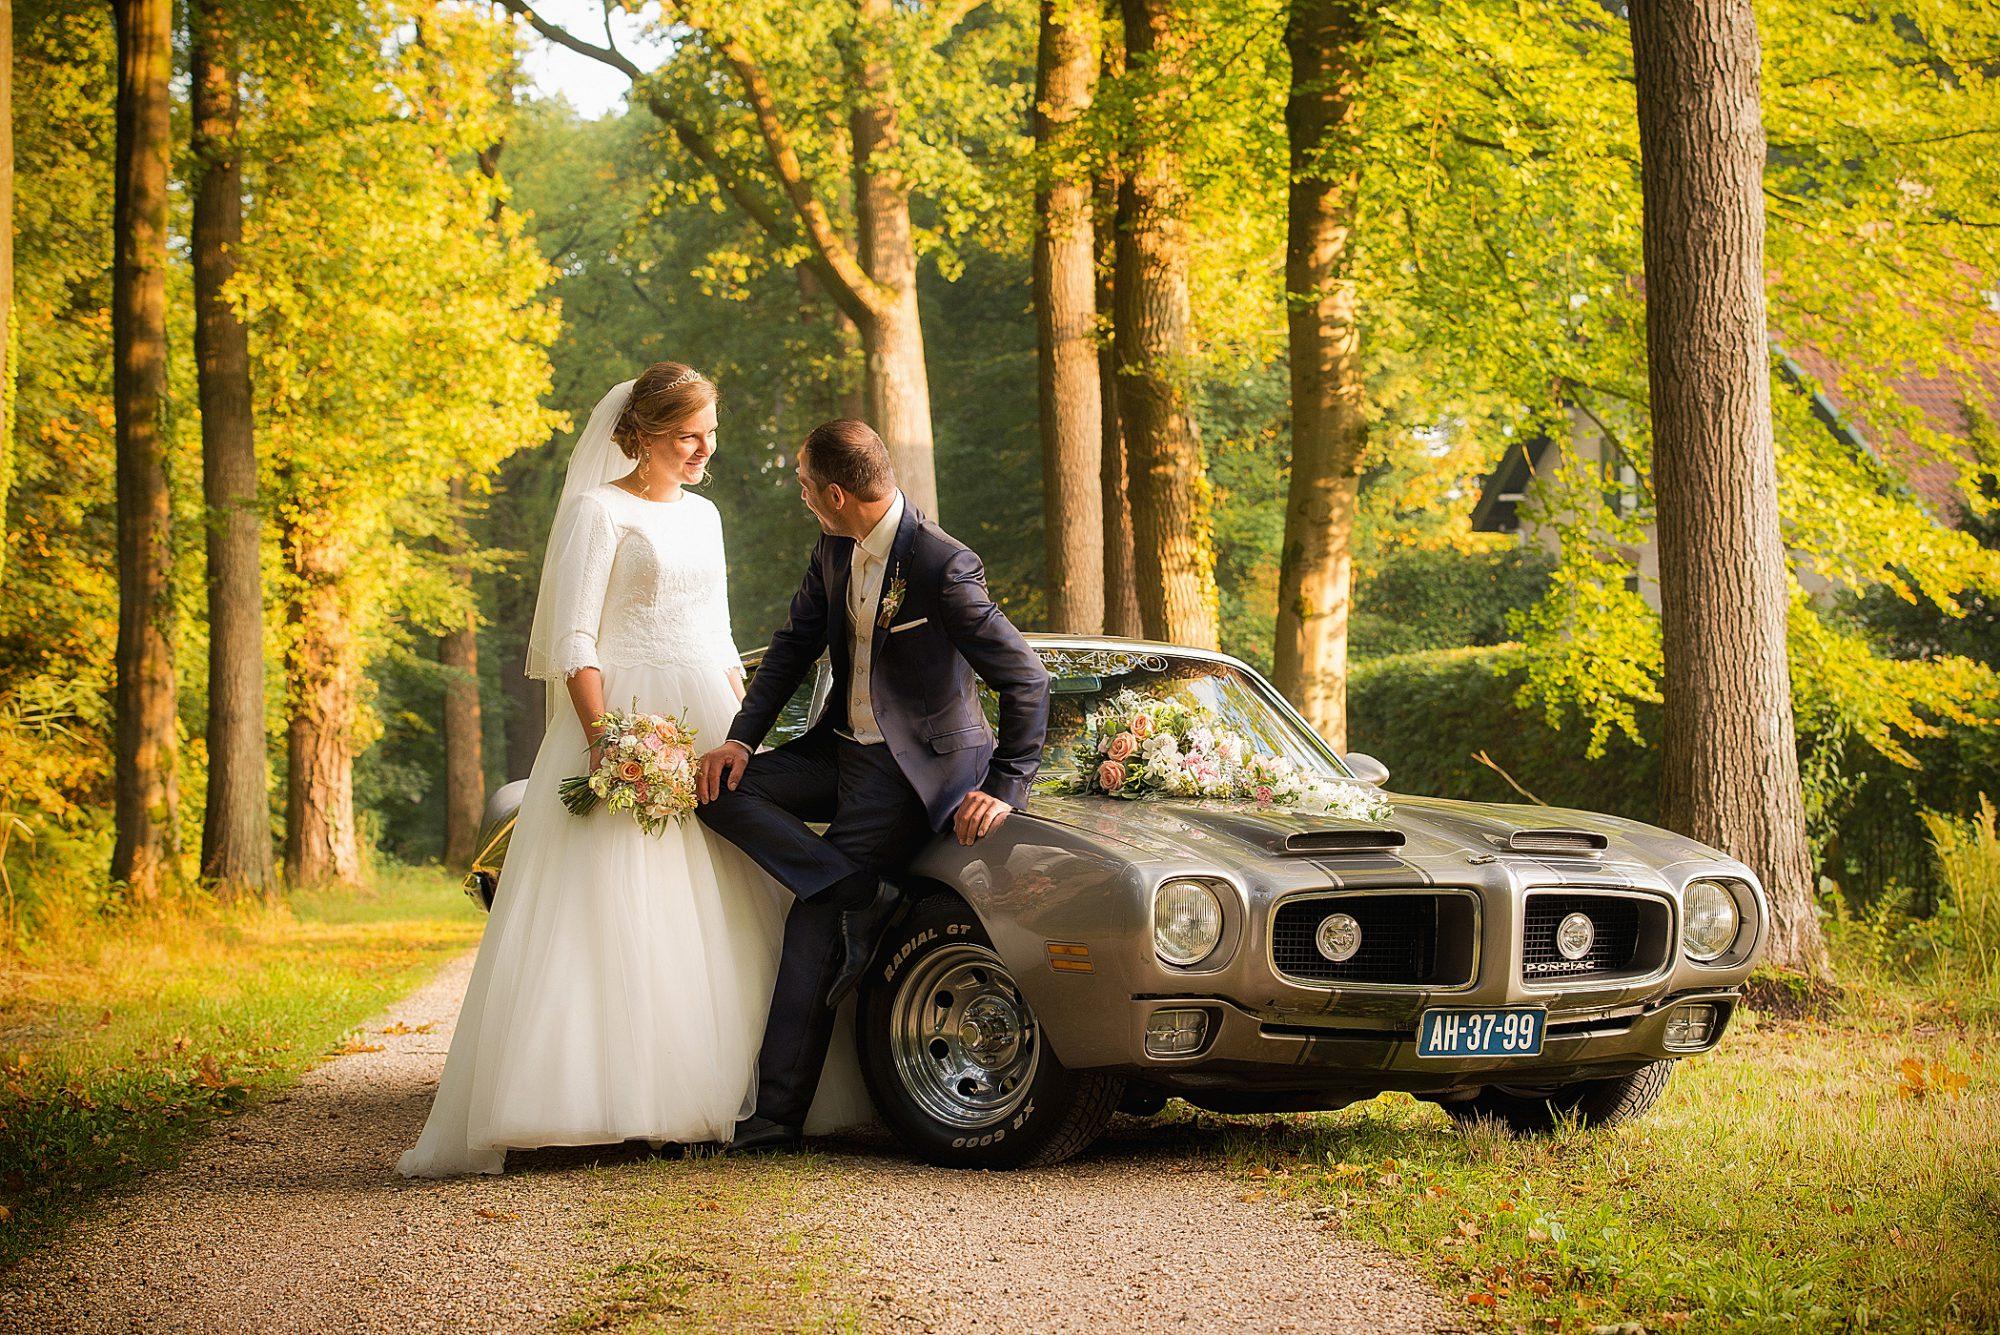 bruidsfotografie Wouter van Middendorp Uddel Gelderland-21 low